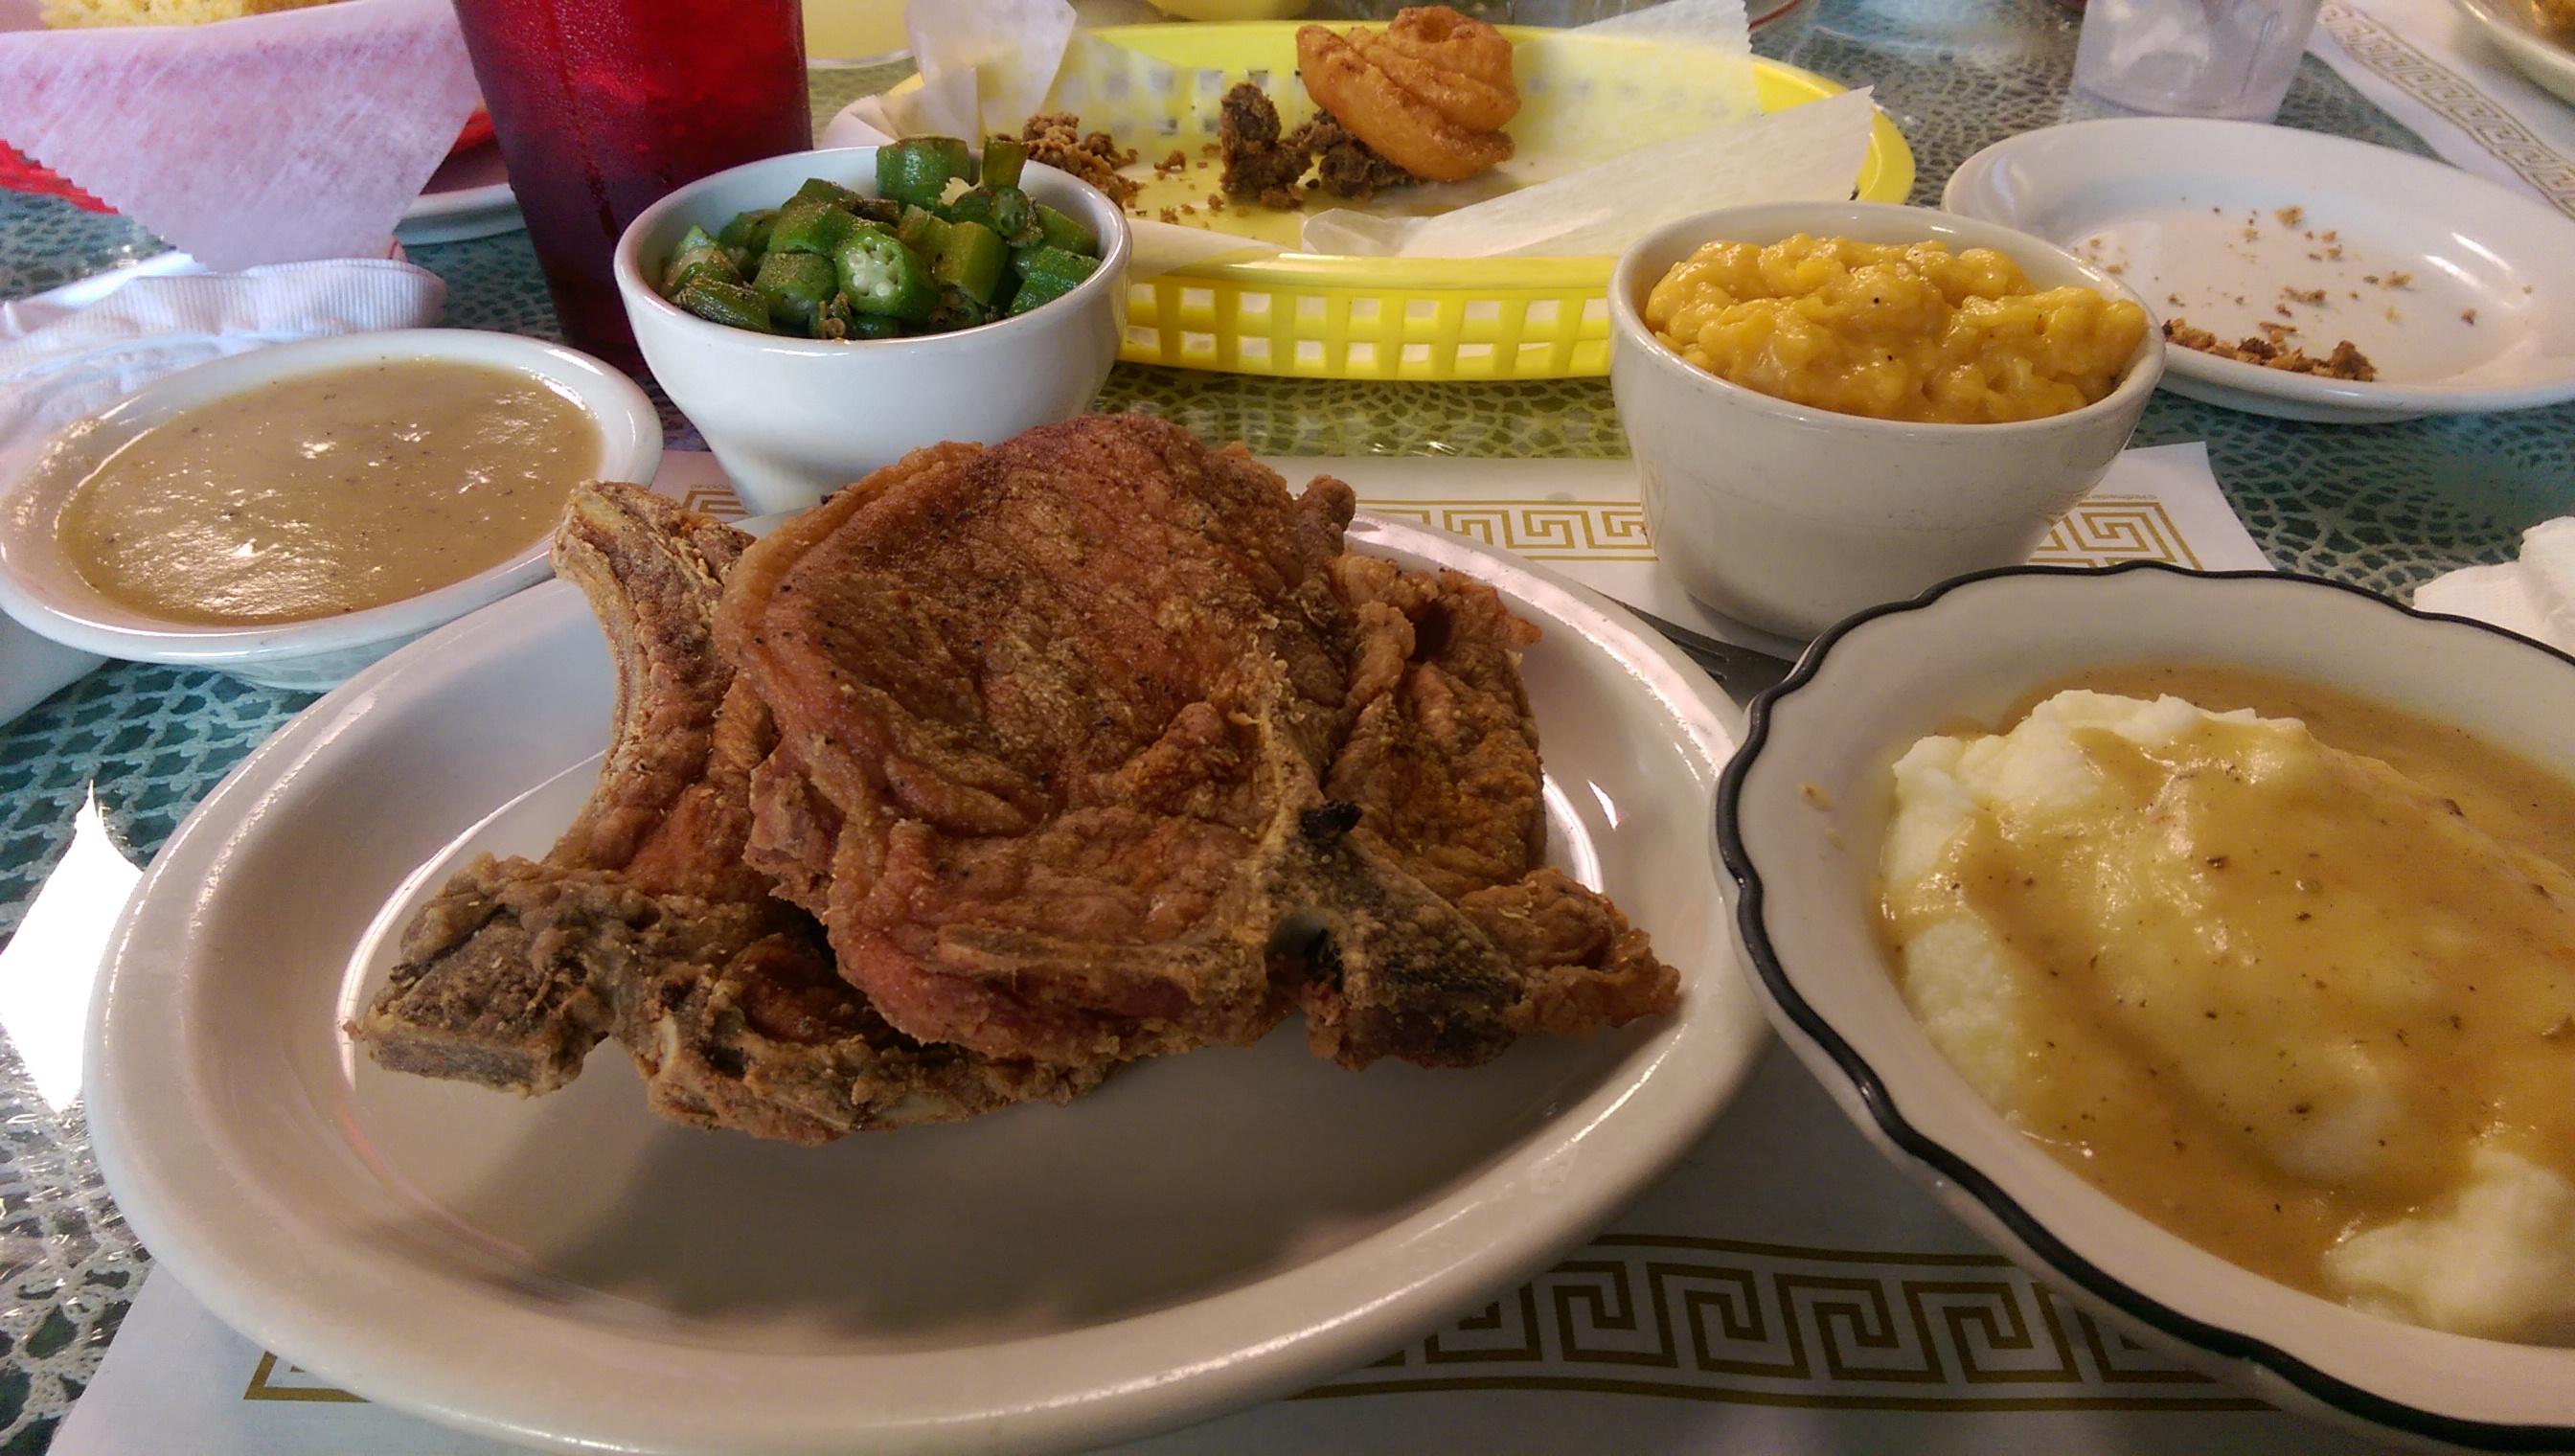 ��w�^��x�~x�n_pork chops w/okra, mashed potatoes&#x20